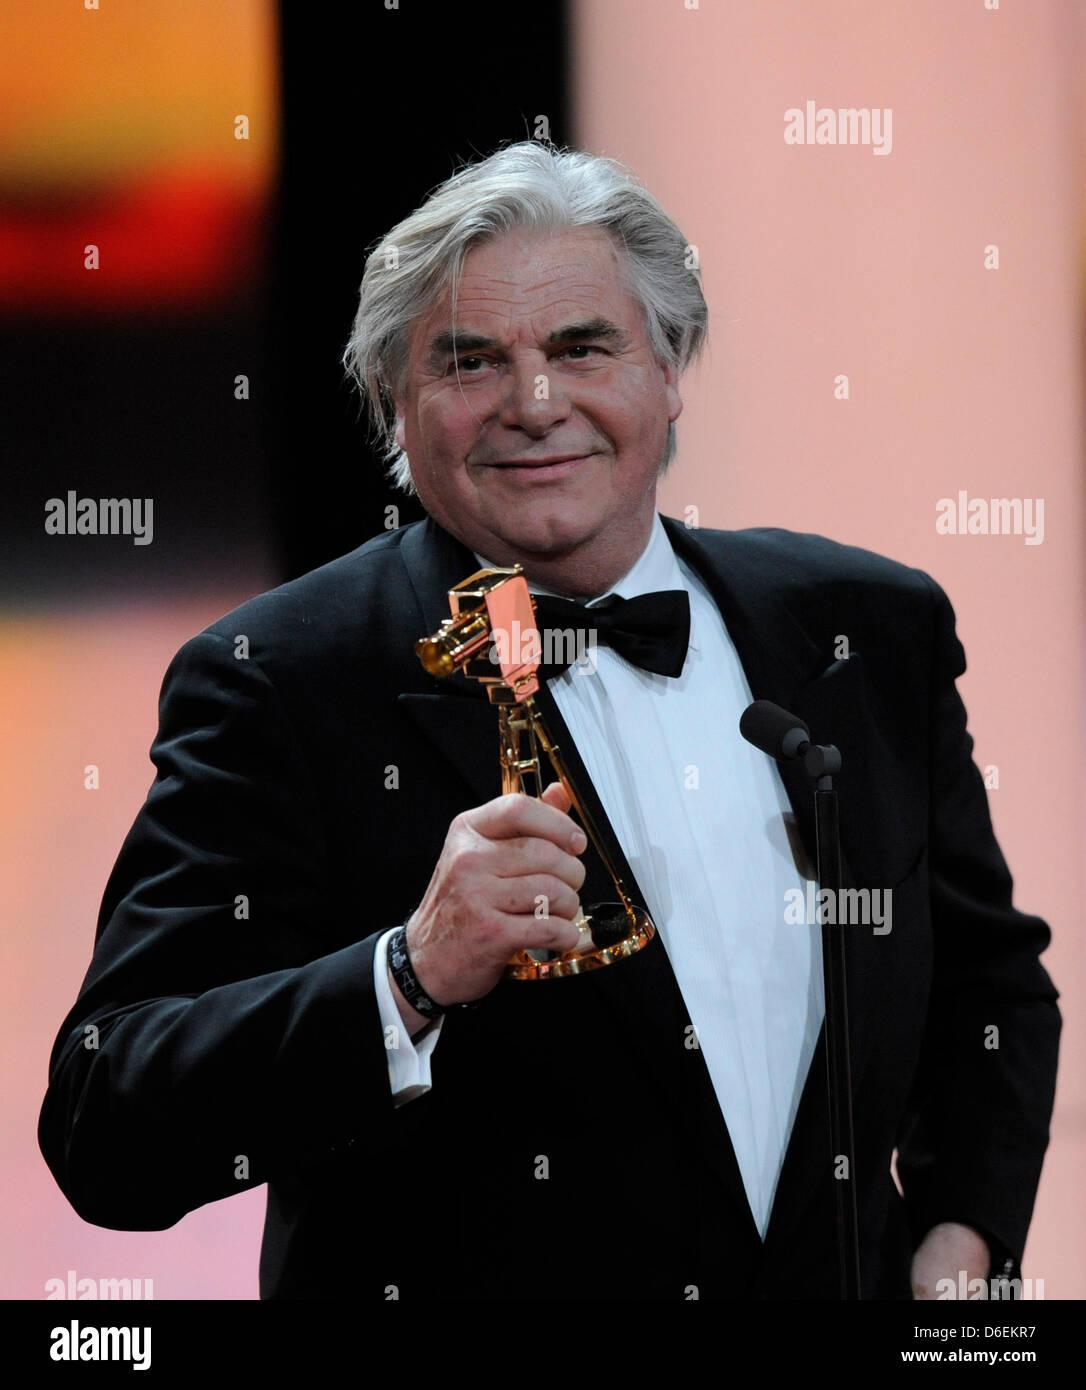 """L'acteur allemand Peter Simonischek détient le trophée pour la catégorie """"Meilleure actrice allemande' lors de la 47e cérémonie de remise des prix de la caméra d'or à Berlin, Allemagne, 4 février 2012. Le prix honore les réalisations exceptionnelles dans la télévision, le cinéma, et de divertissement. Nina Kunzendorf, qui a reçu la meilleure actrice allemande ne pouvait pas prendre part à la suite d'une maladie. Photo: Maurizio Gambarini dpa/lbn +++(c Banque D'Images"""